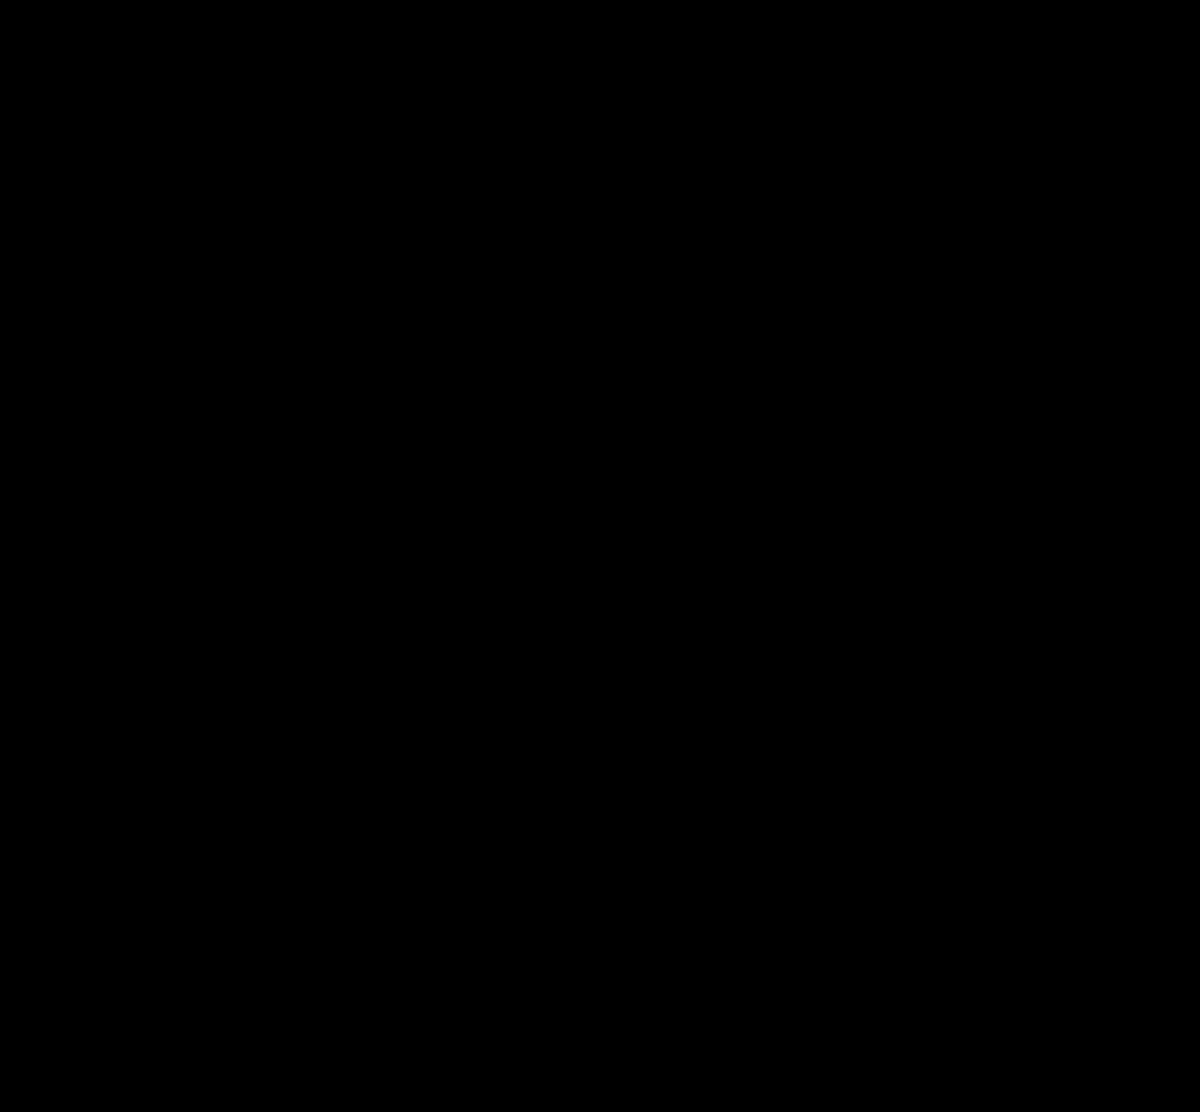 3DlightFX Star Wars BB-8 – Wandlamp – Nachtlamp met wandsticker en timer – energie zuinige LED verlichting – 31 x 23 cm.